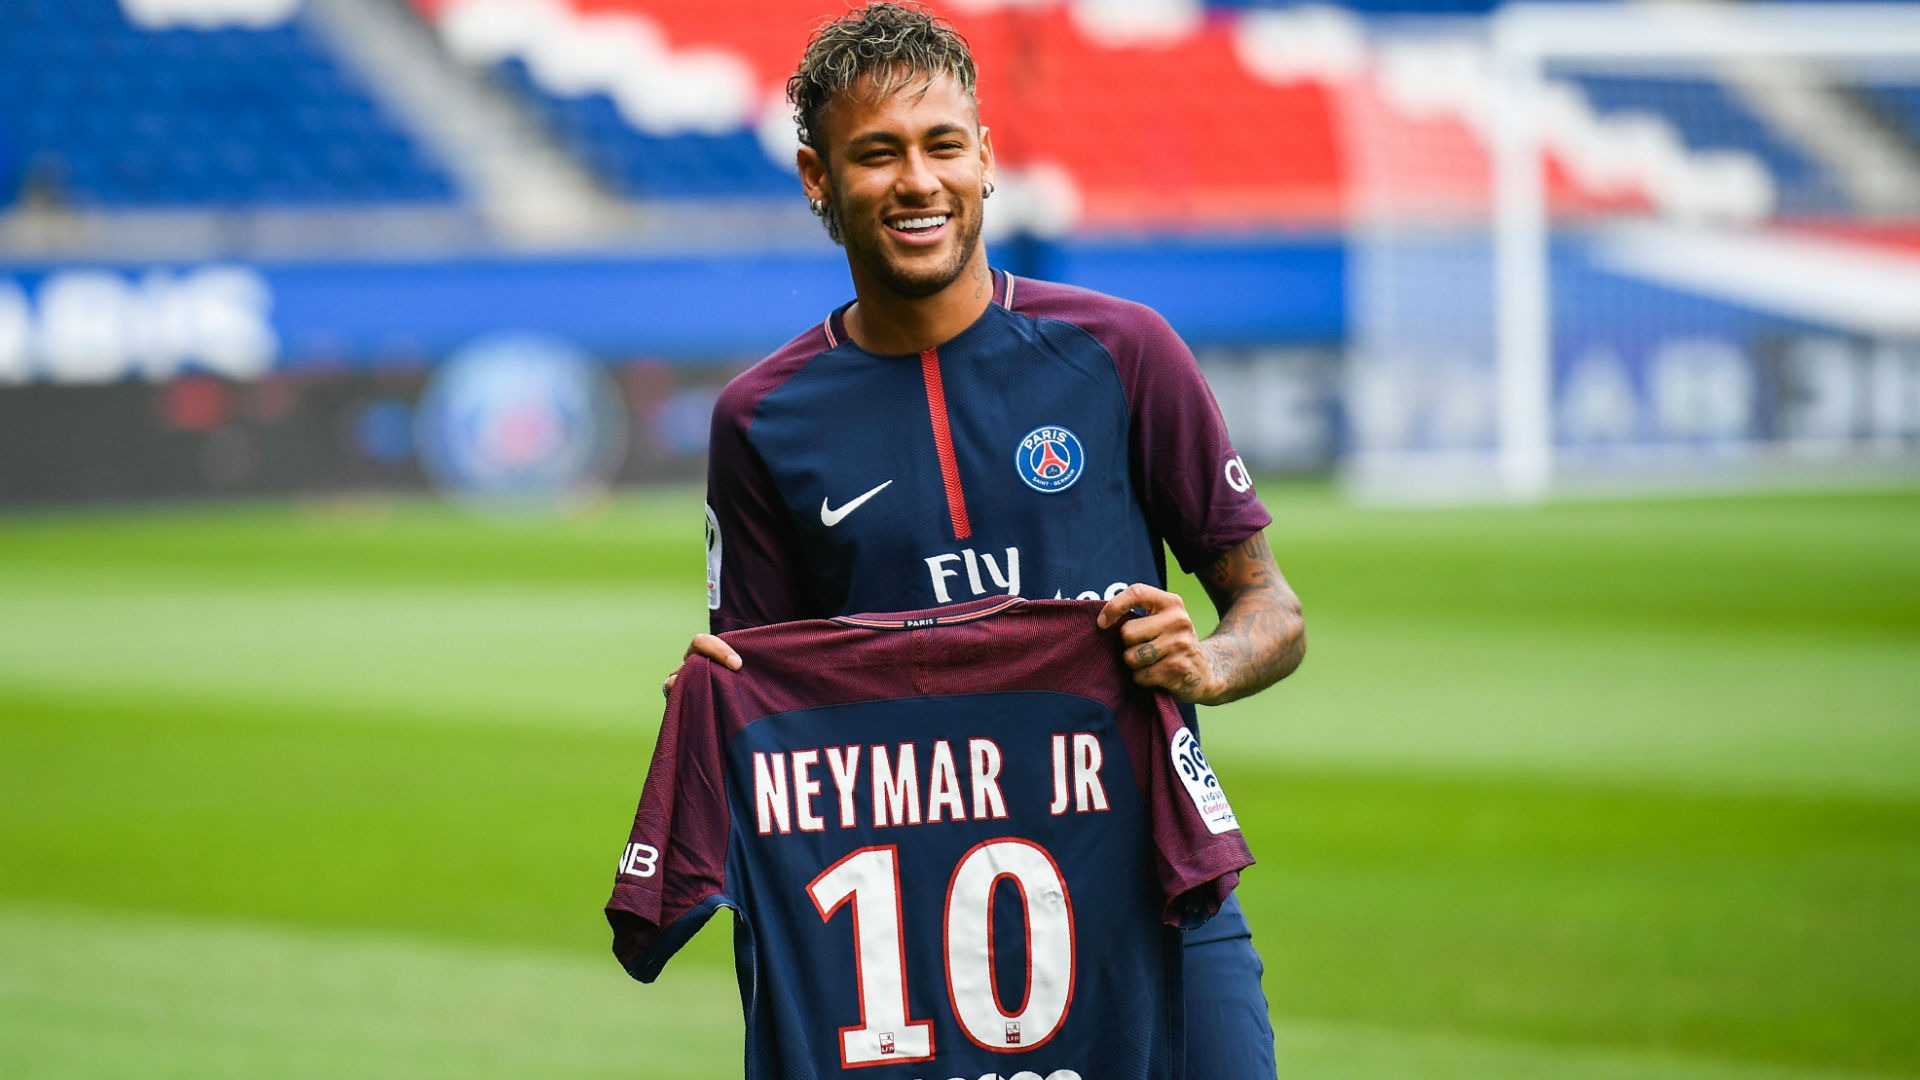 Ligue 1 - Neymar parmi les 3 finalistes pour le titre de joueur du mois de septembre